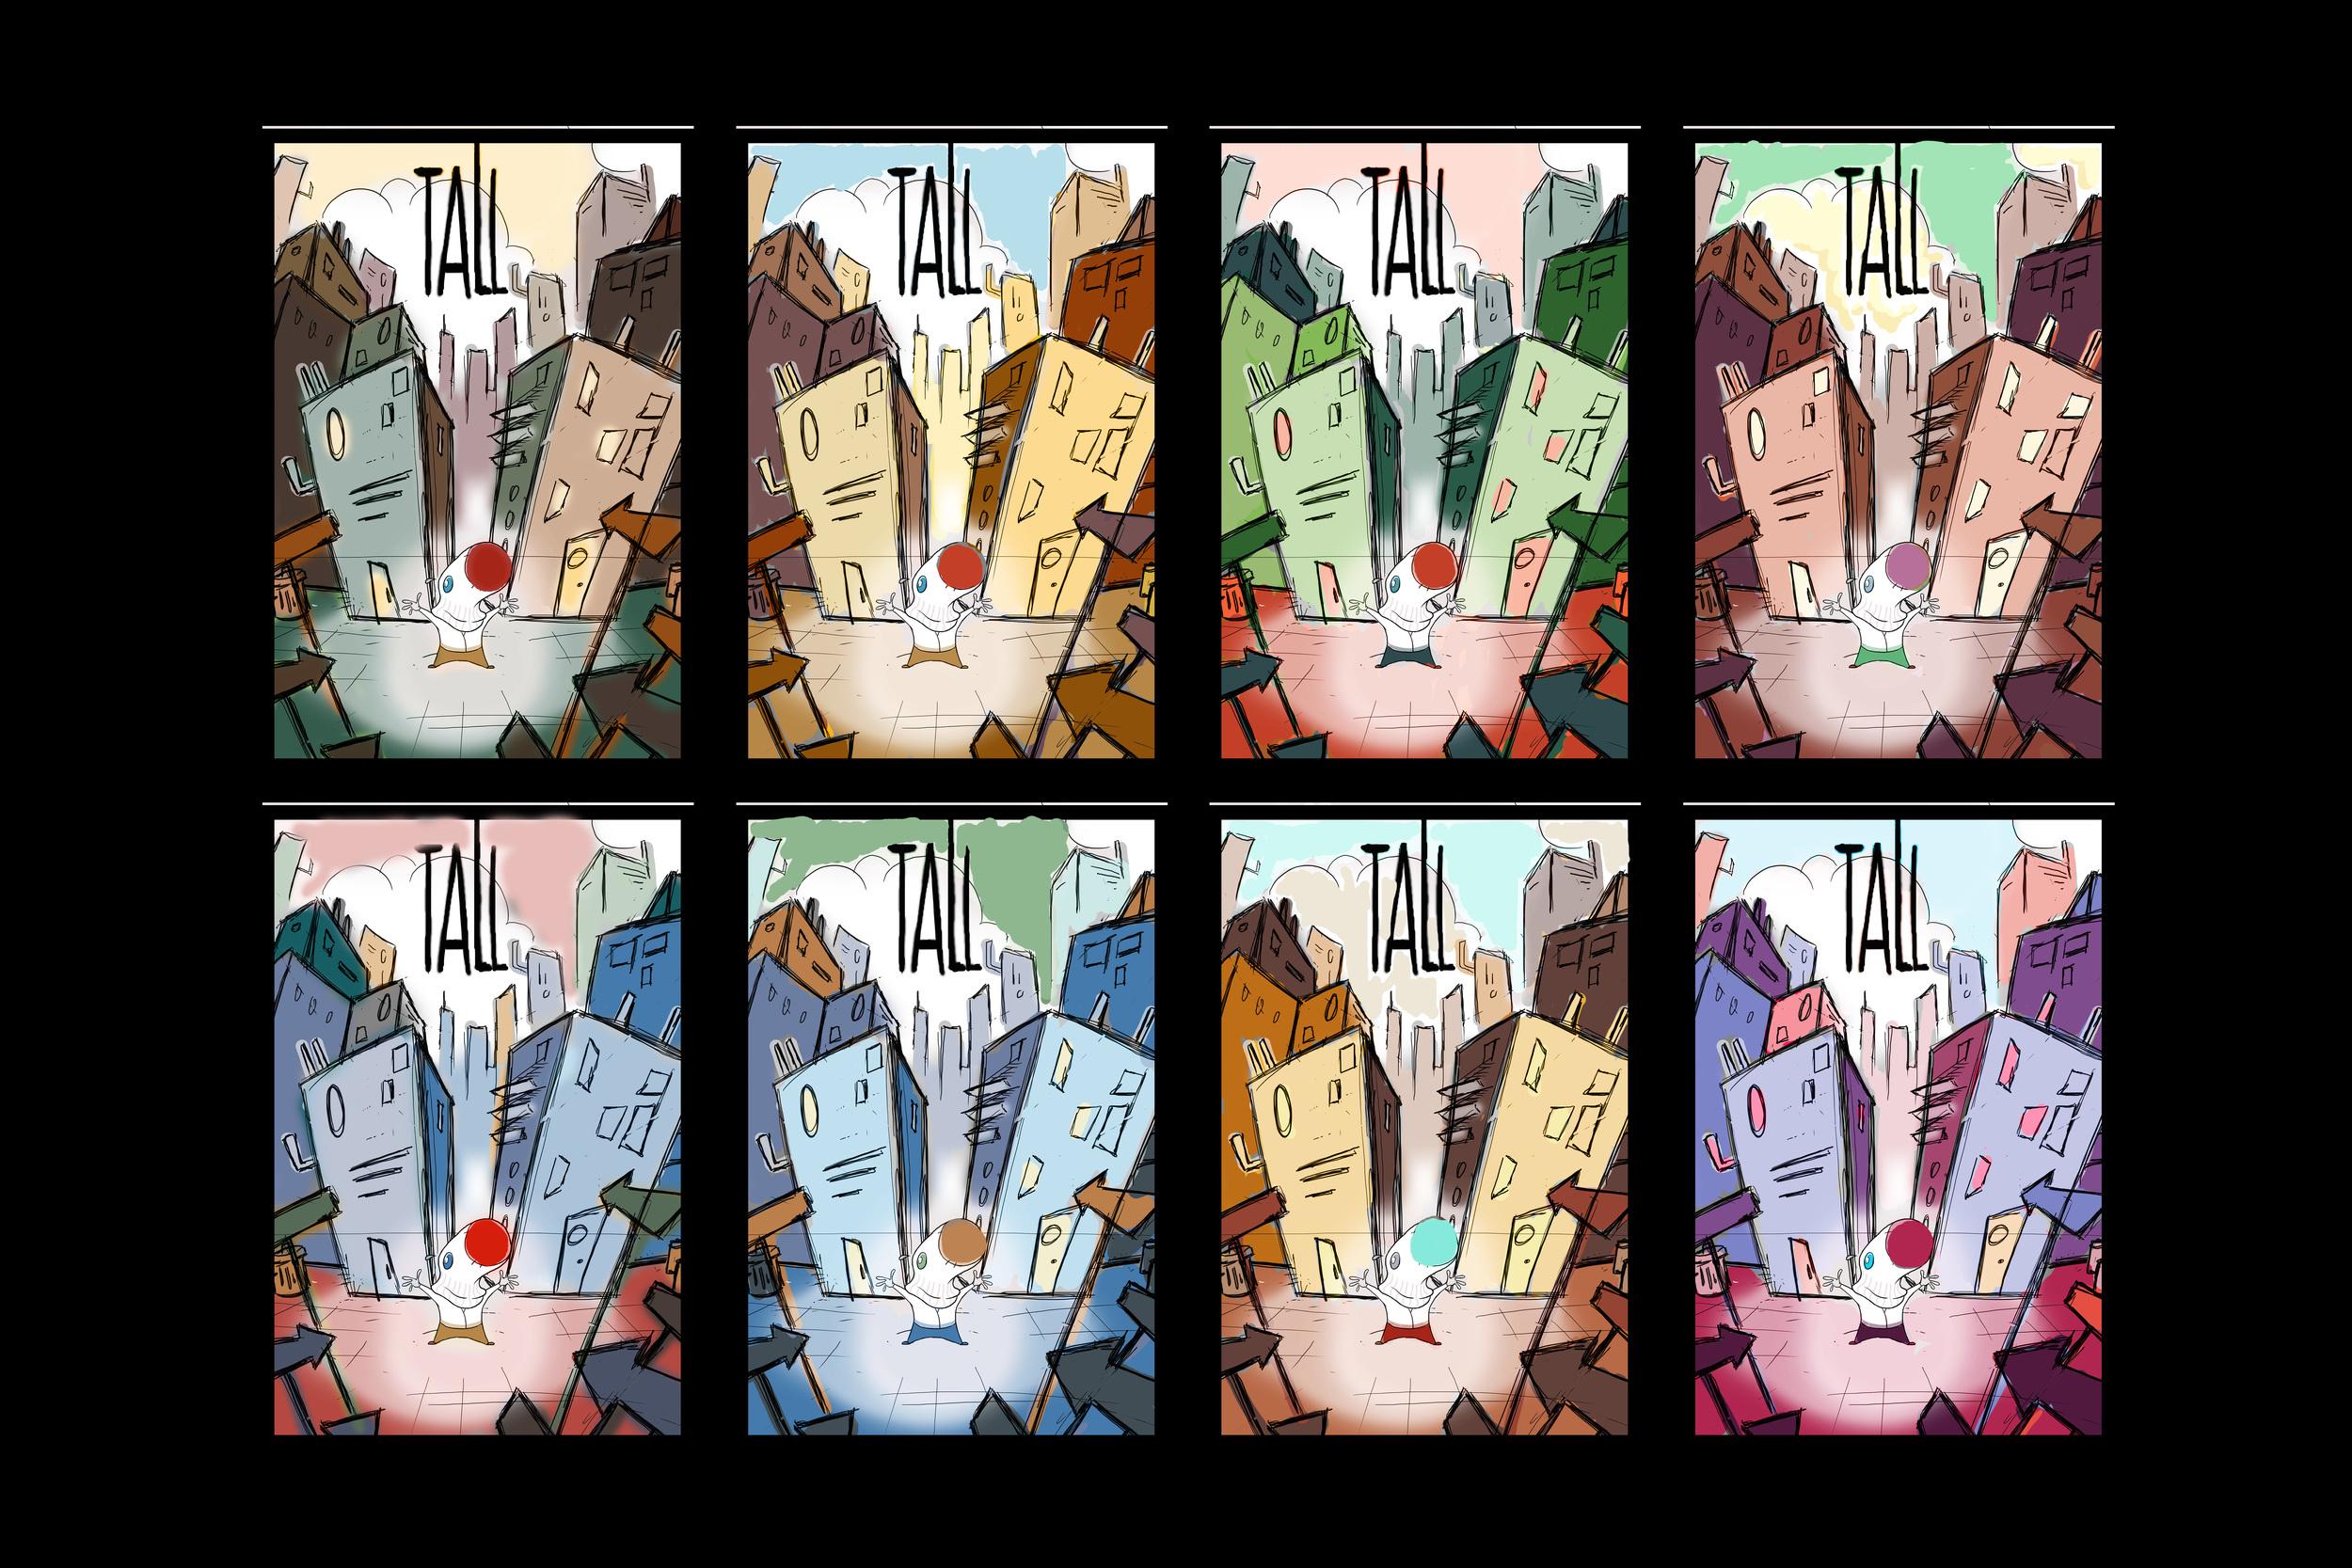 whitsitt_Tall_Color2.jpg